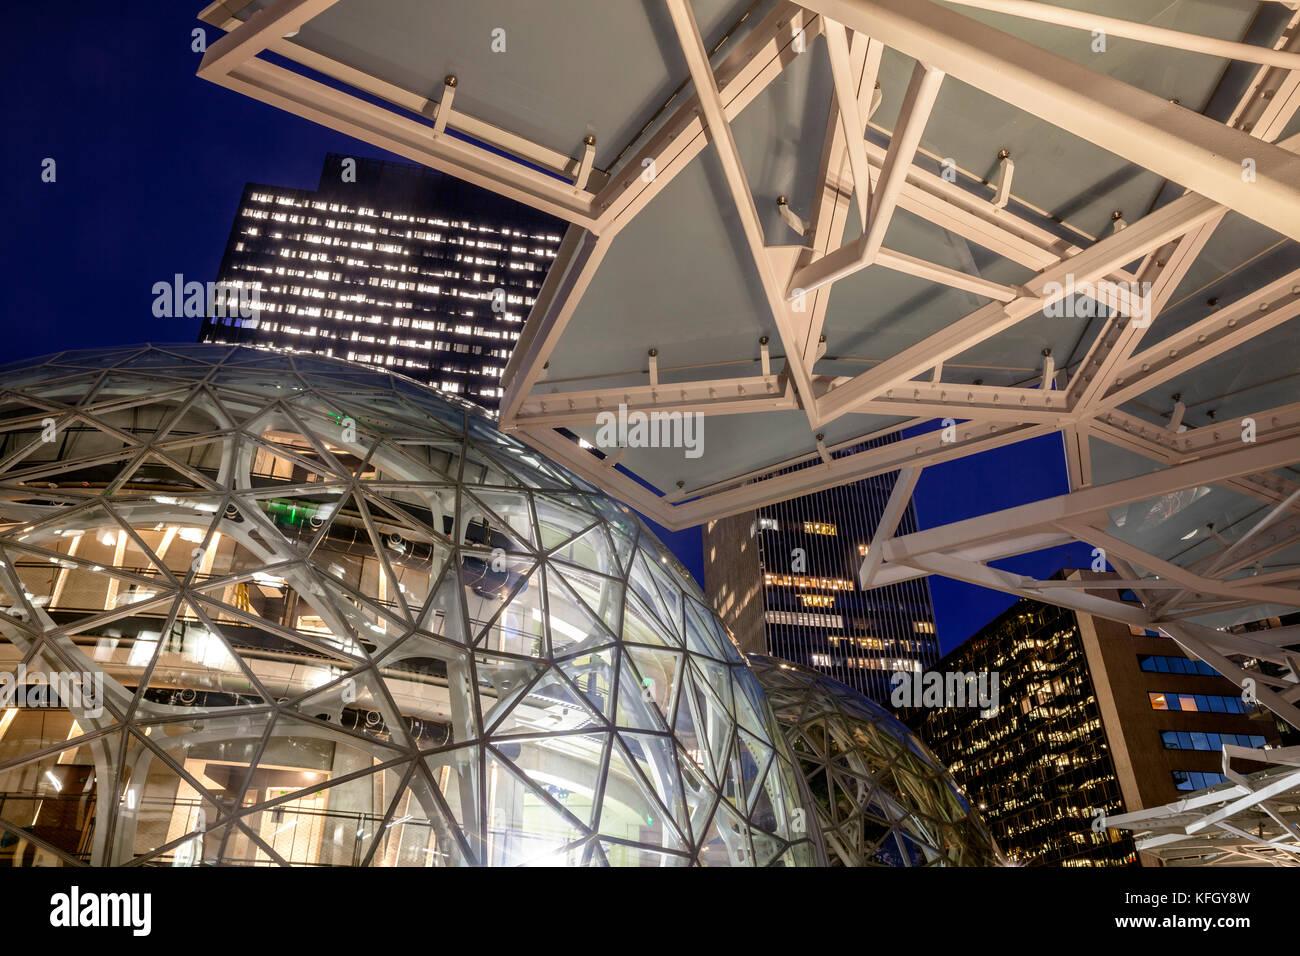 Headquarters Amazon Stock Photos & Headquarters Amazon Stock Images